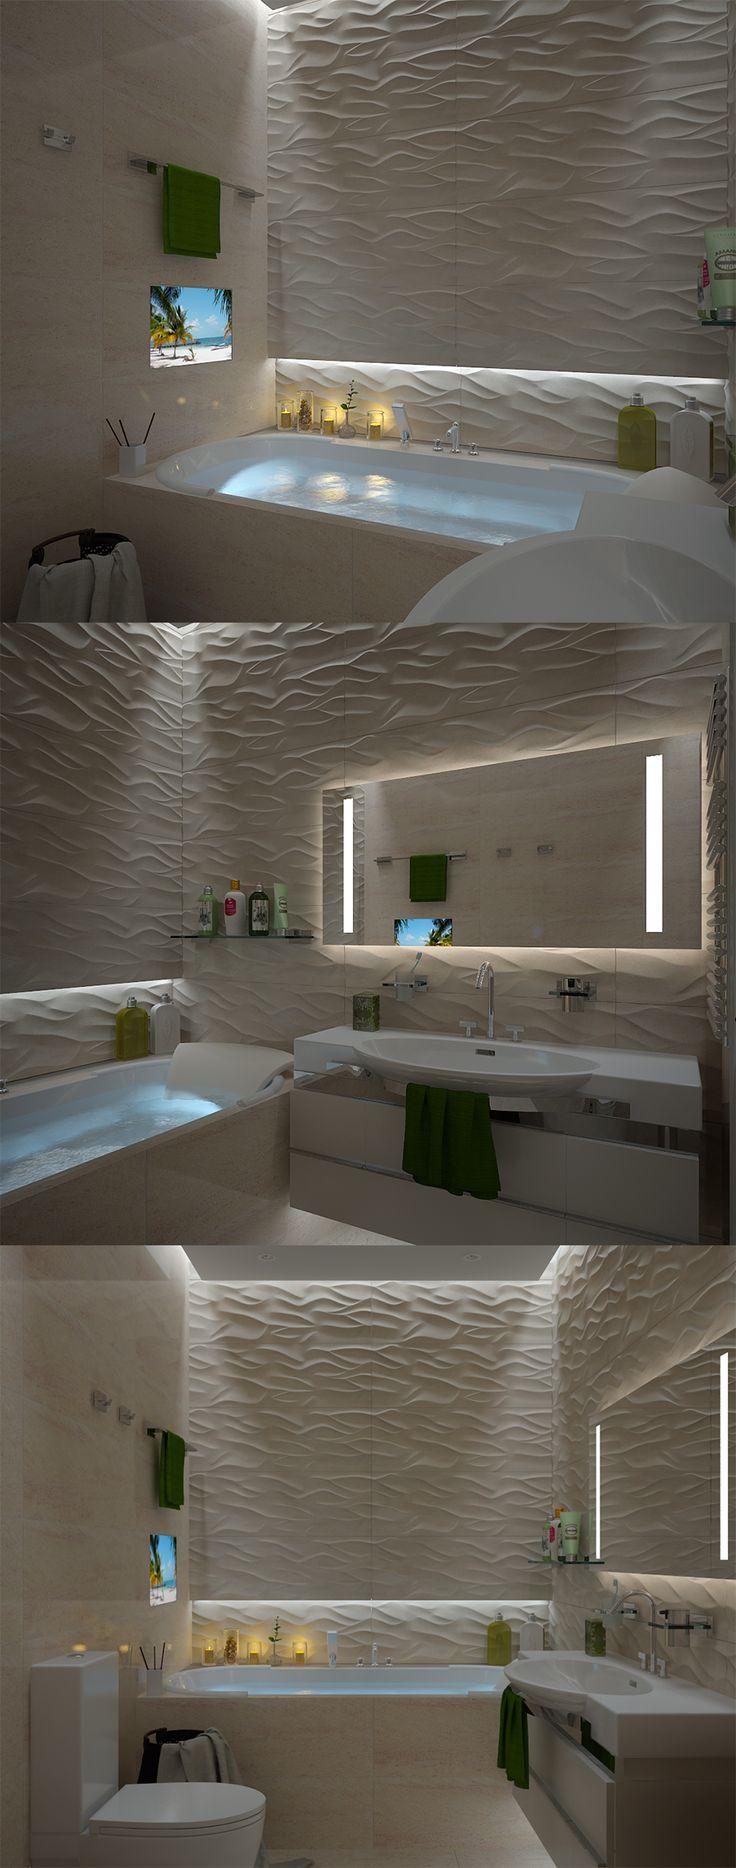 Relaxing bathroom :)